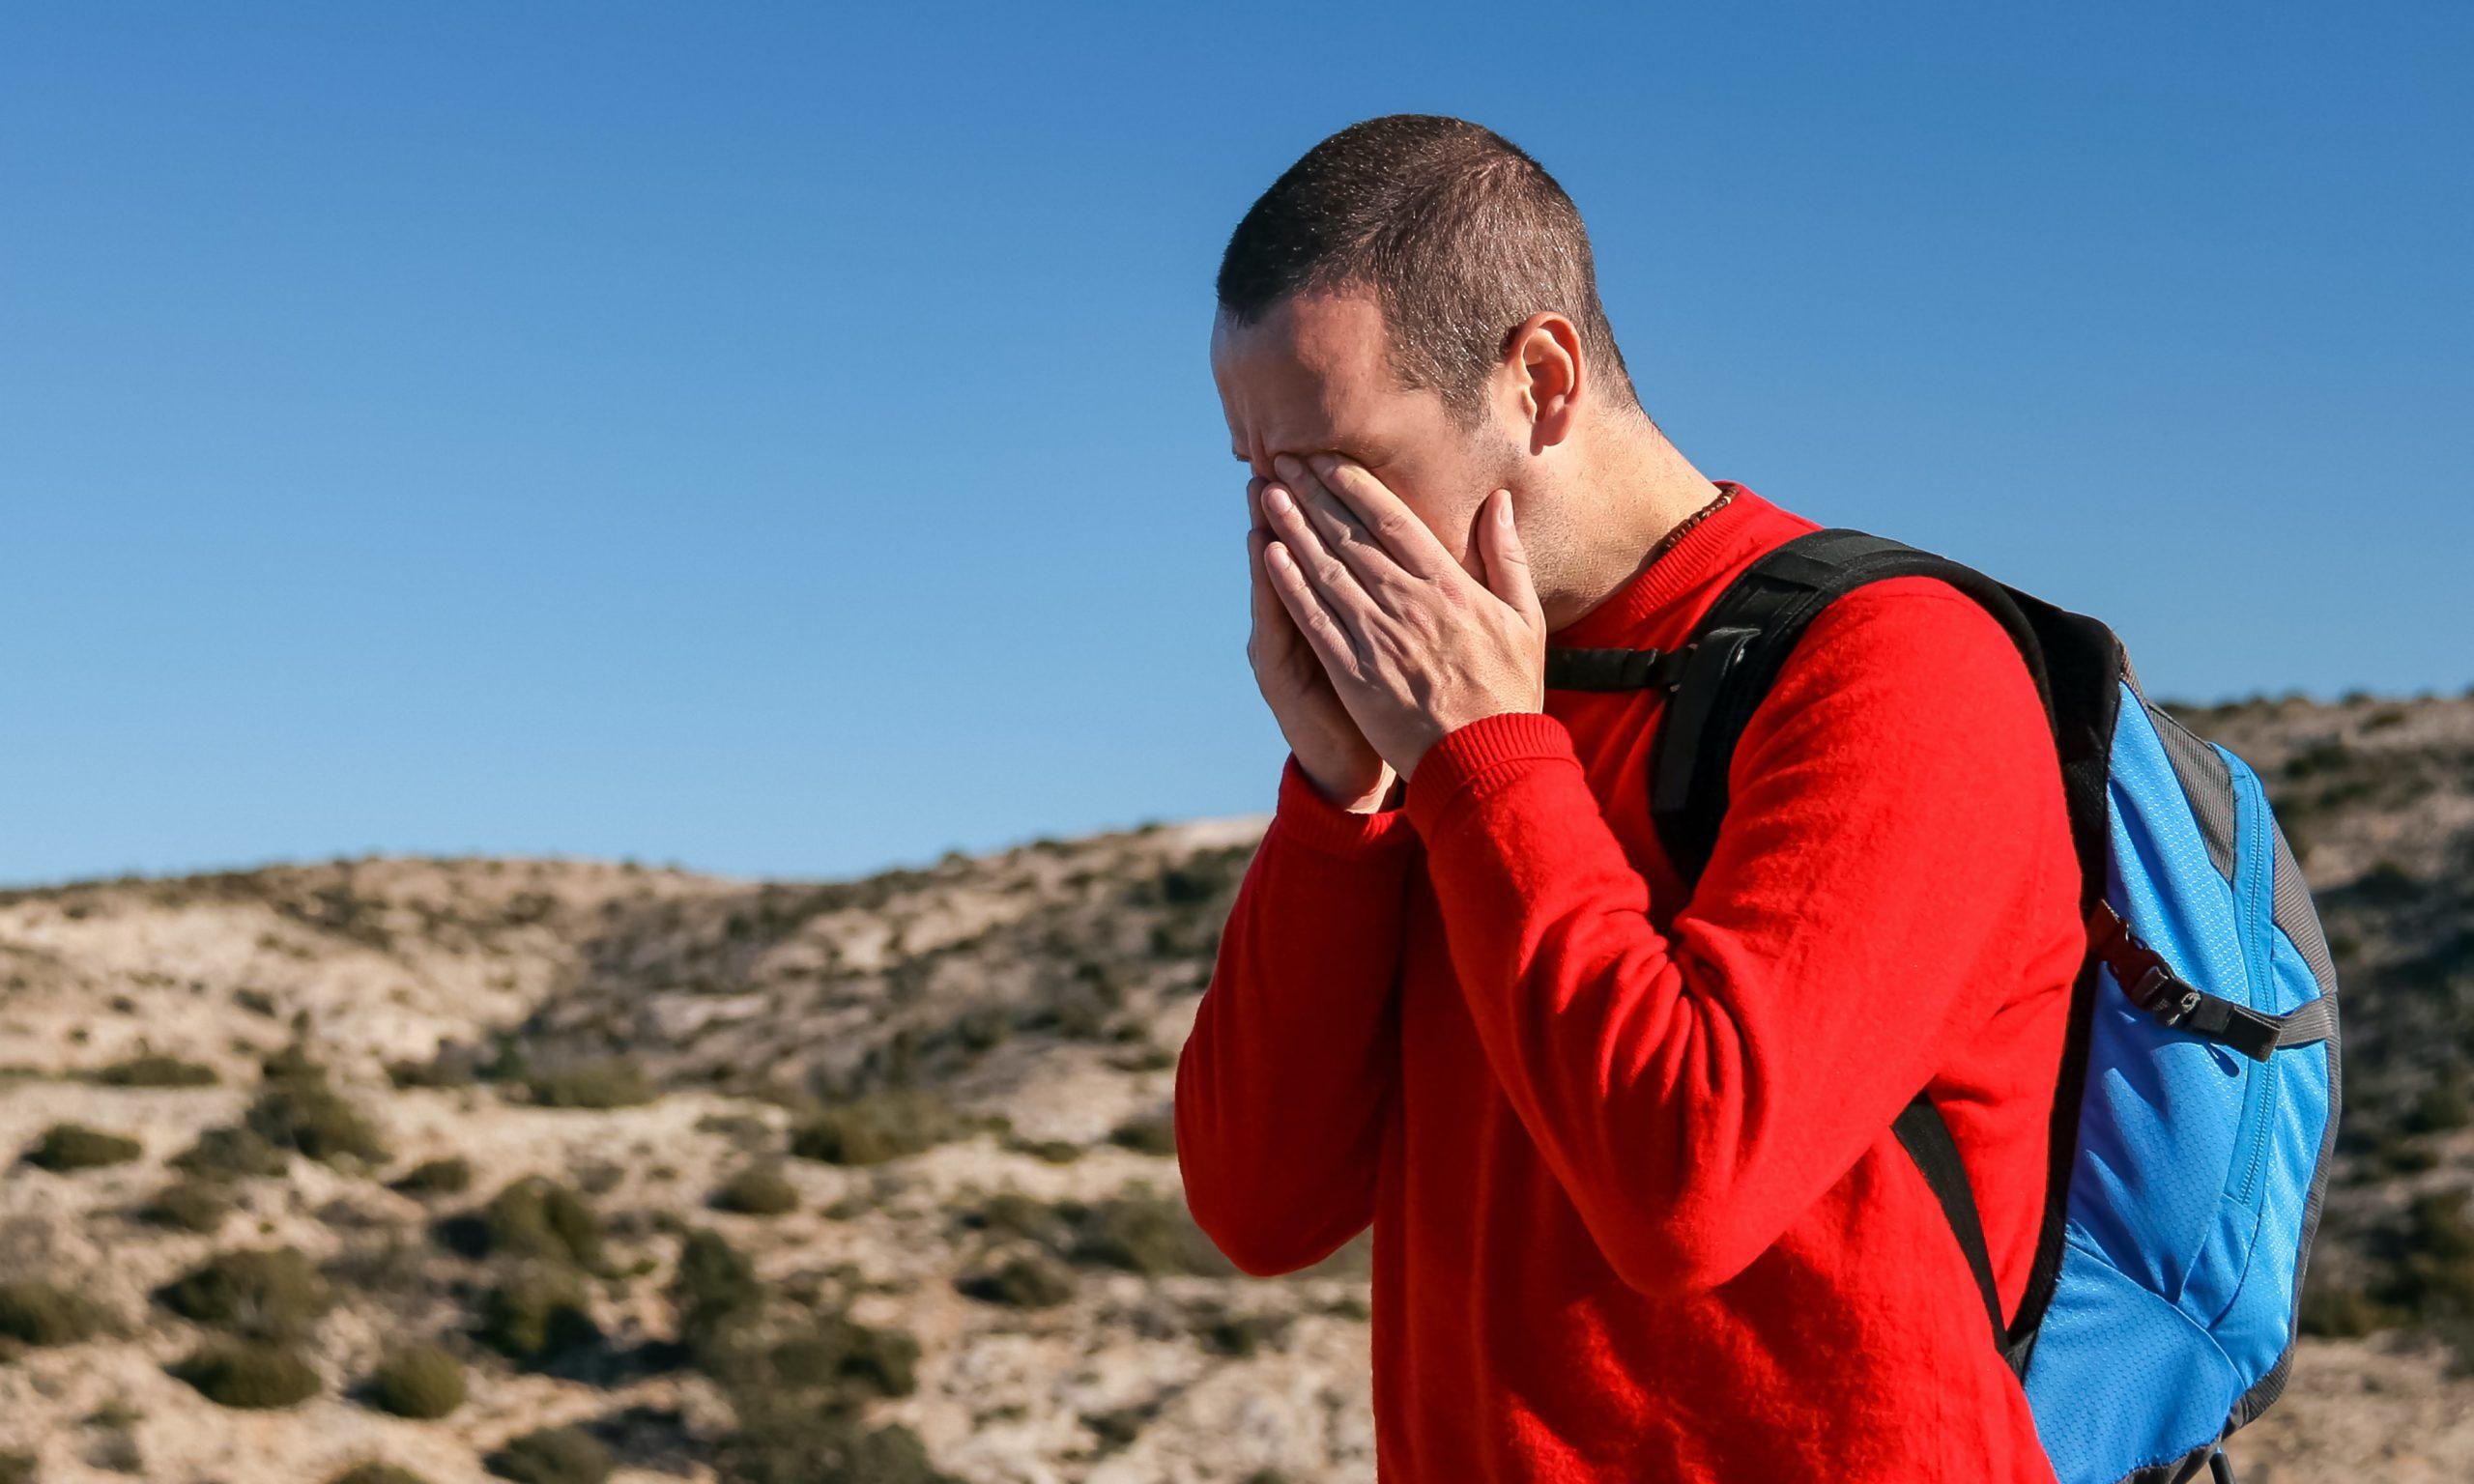 Man hiking in a red shirt having a headache